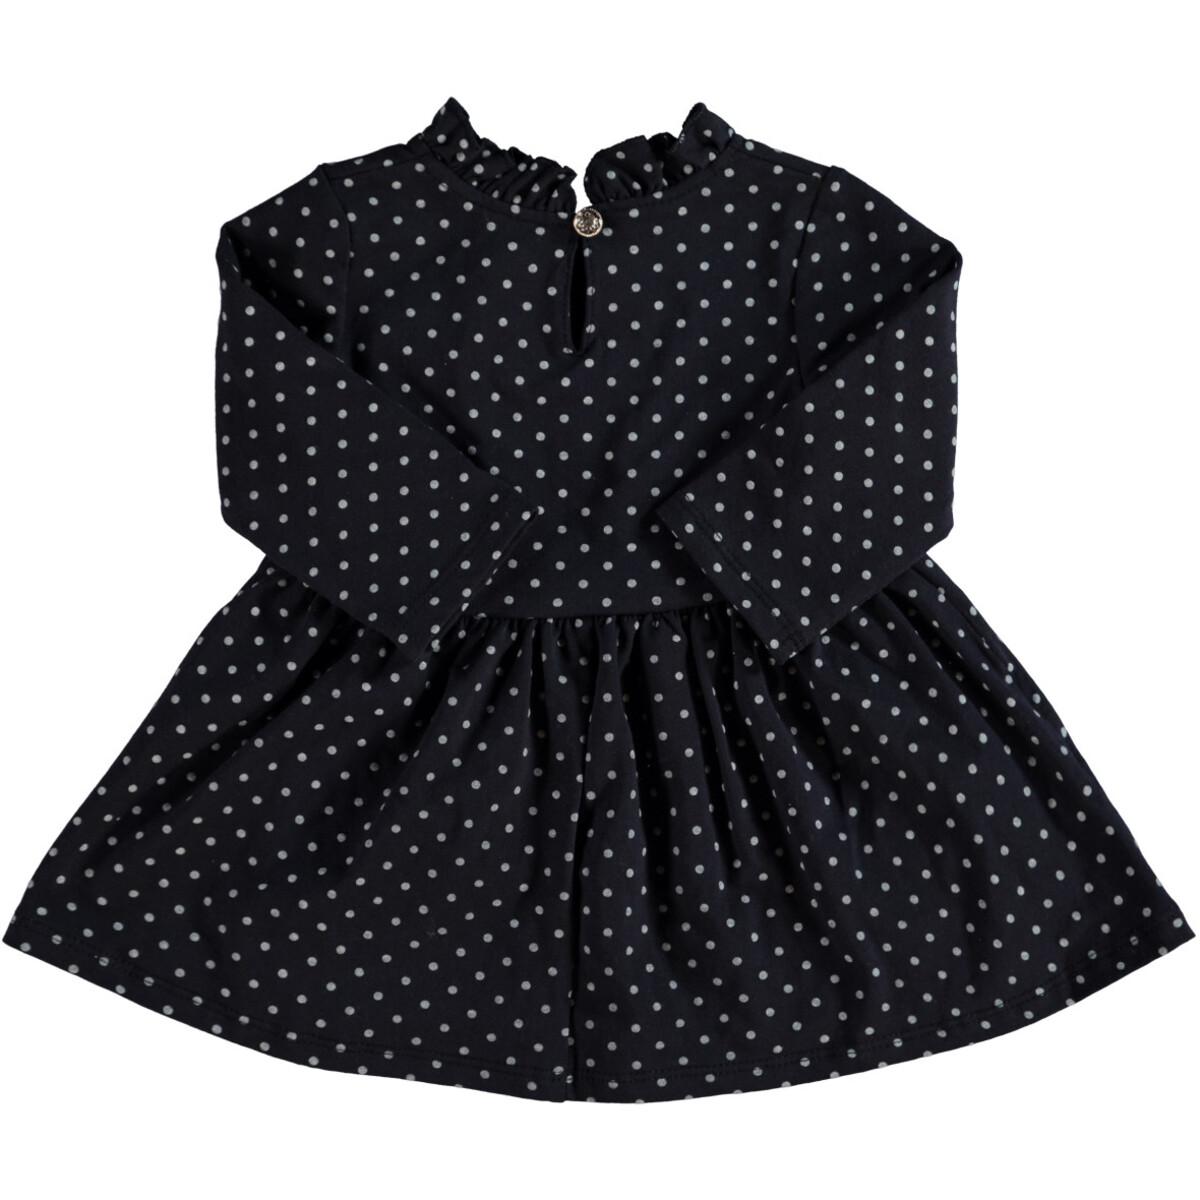 Bild 2 von Baby Kleidchen mit Punkte-Alloverprint